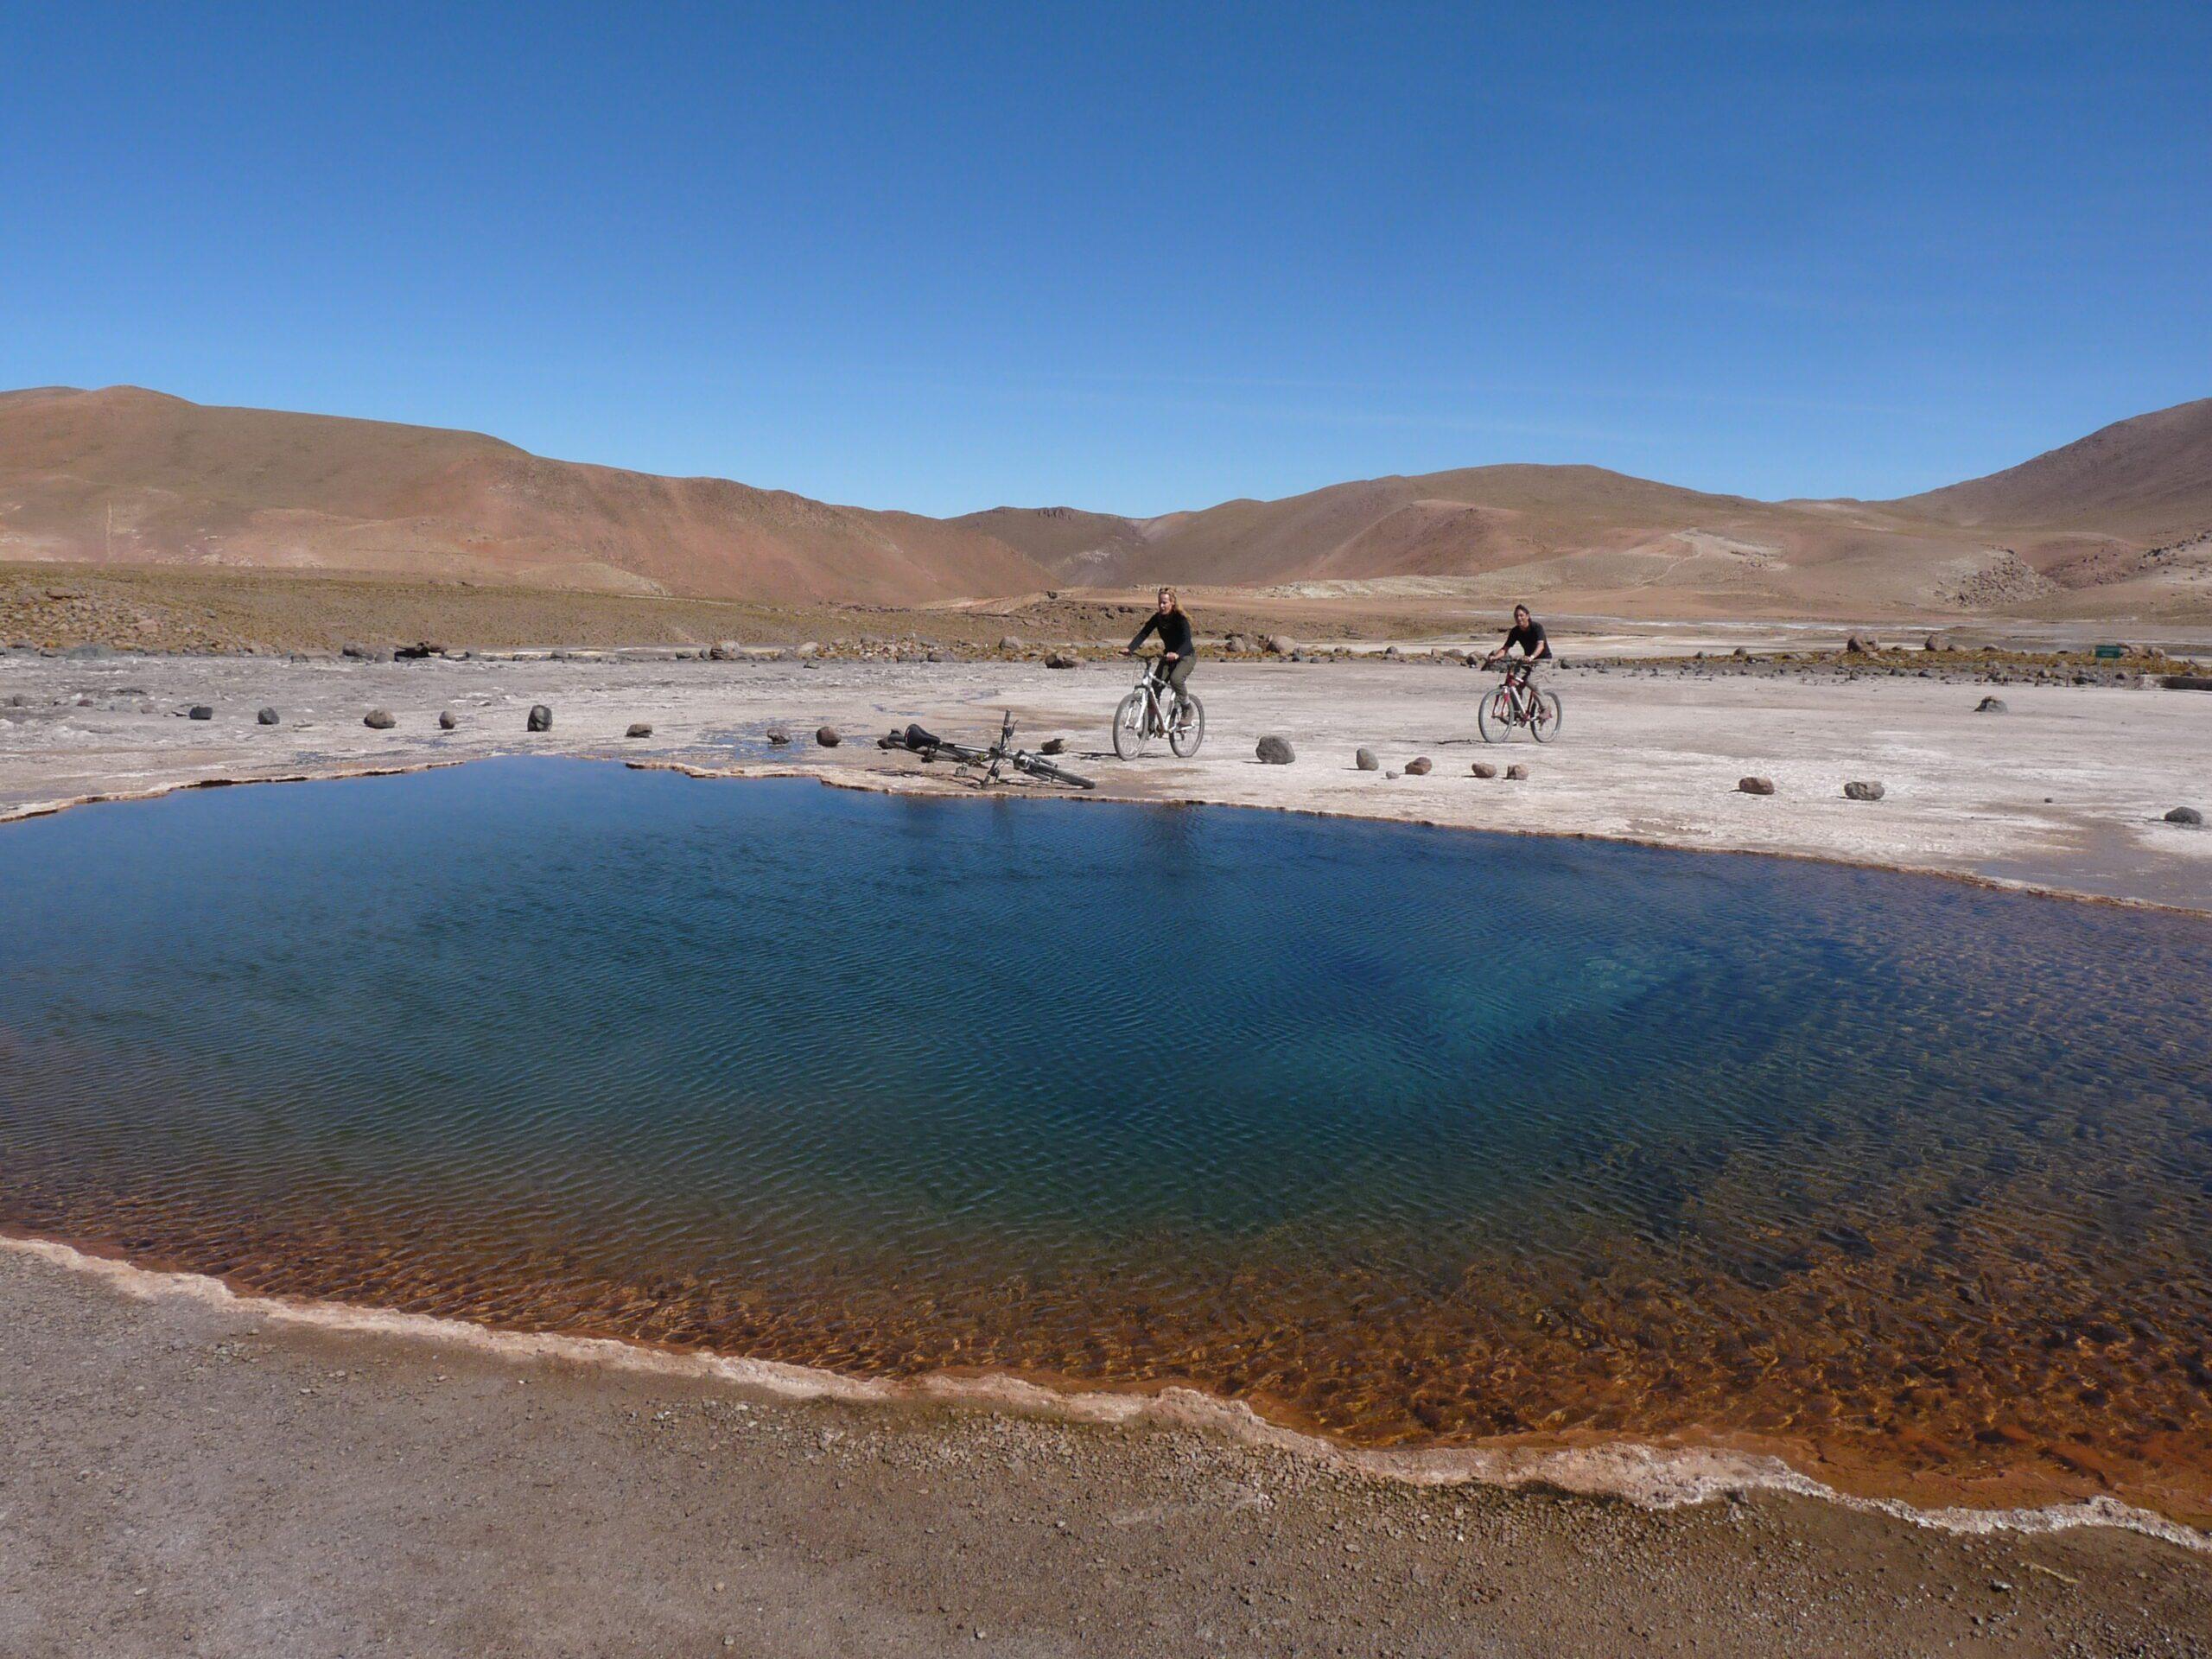 Cycling through the Atacama Desert